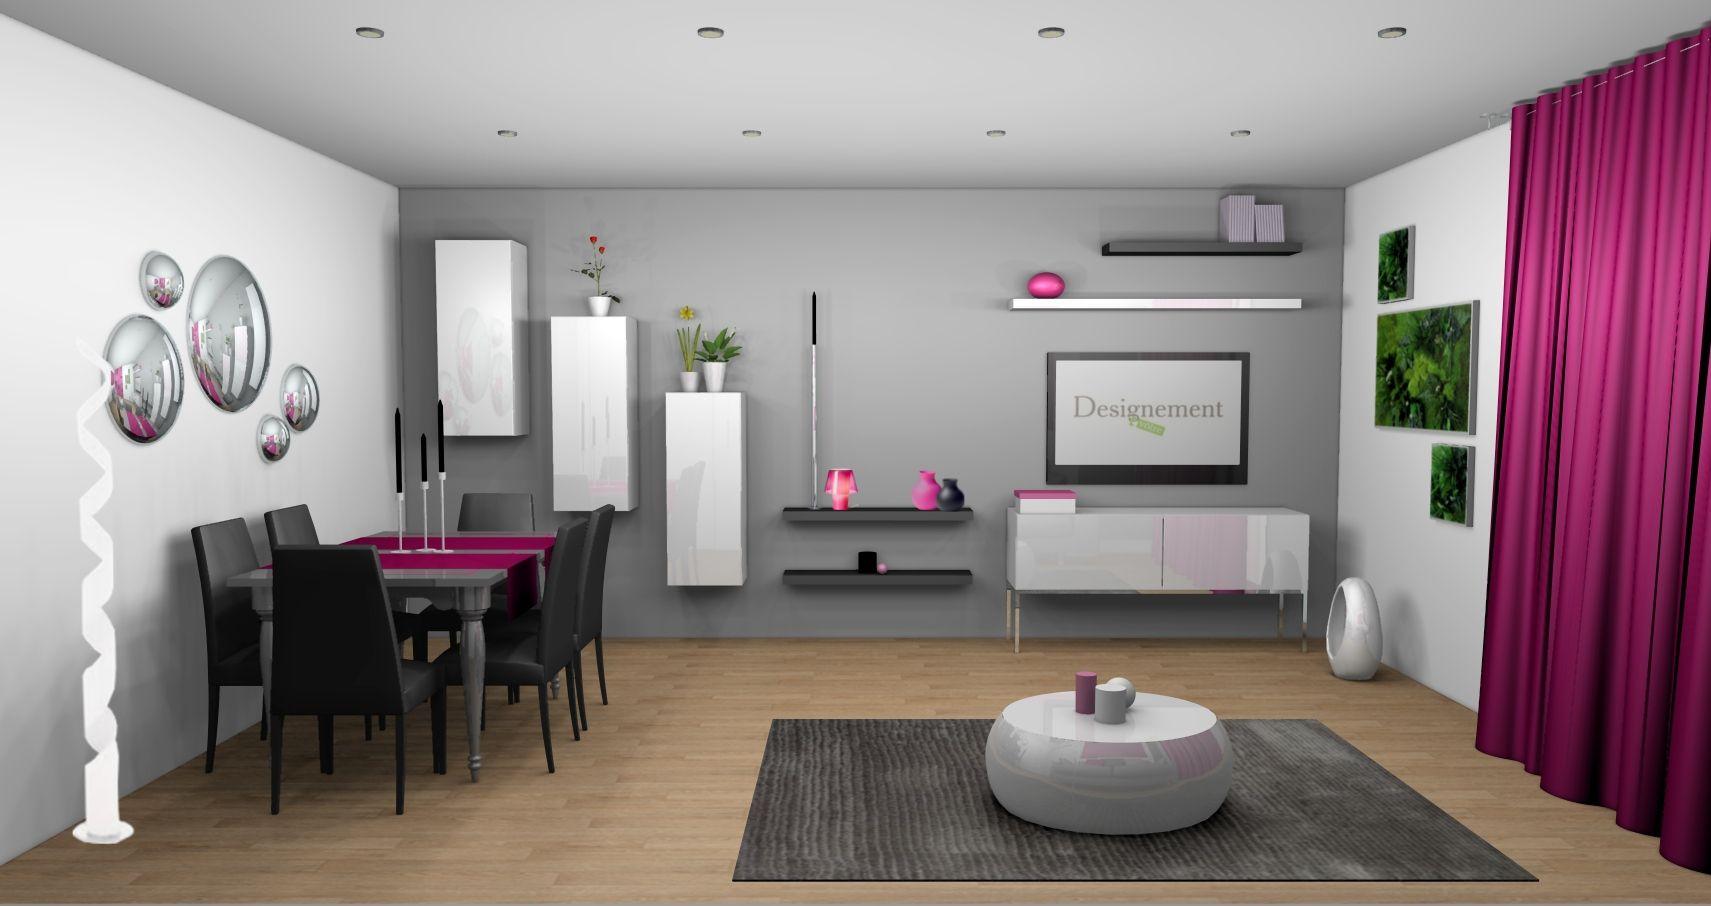 Dco salon mr gris et blanc touche de couleur fushia  Living room  Pinterest  Salons